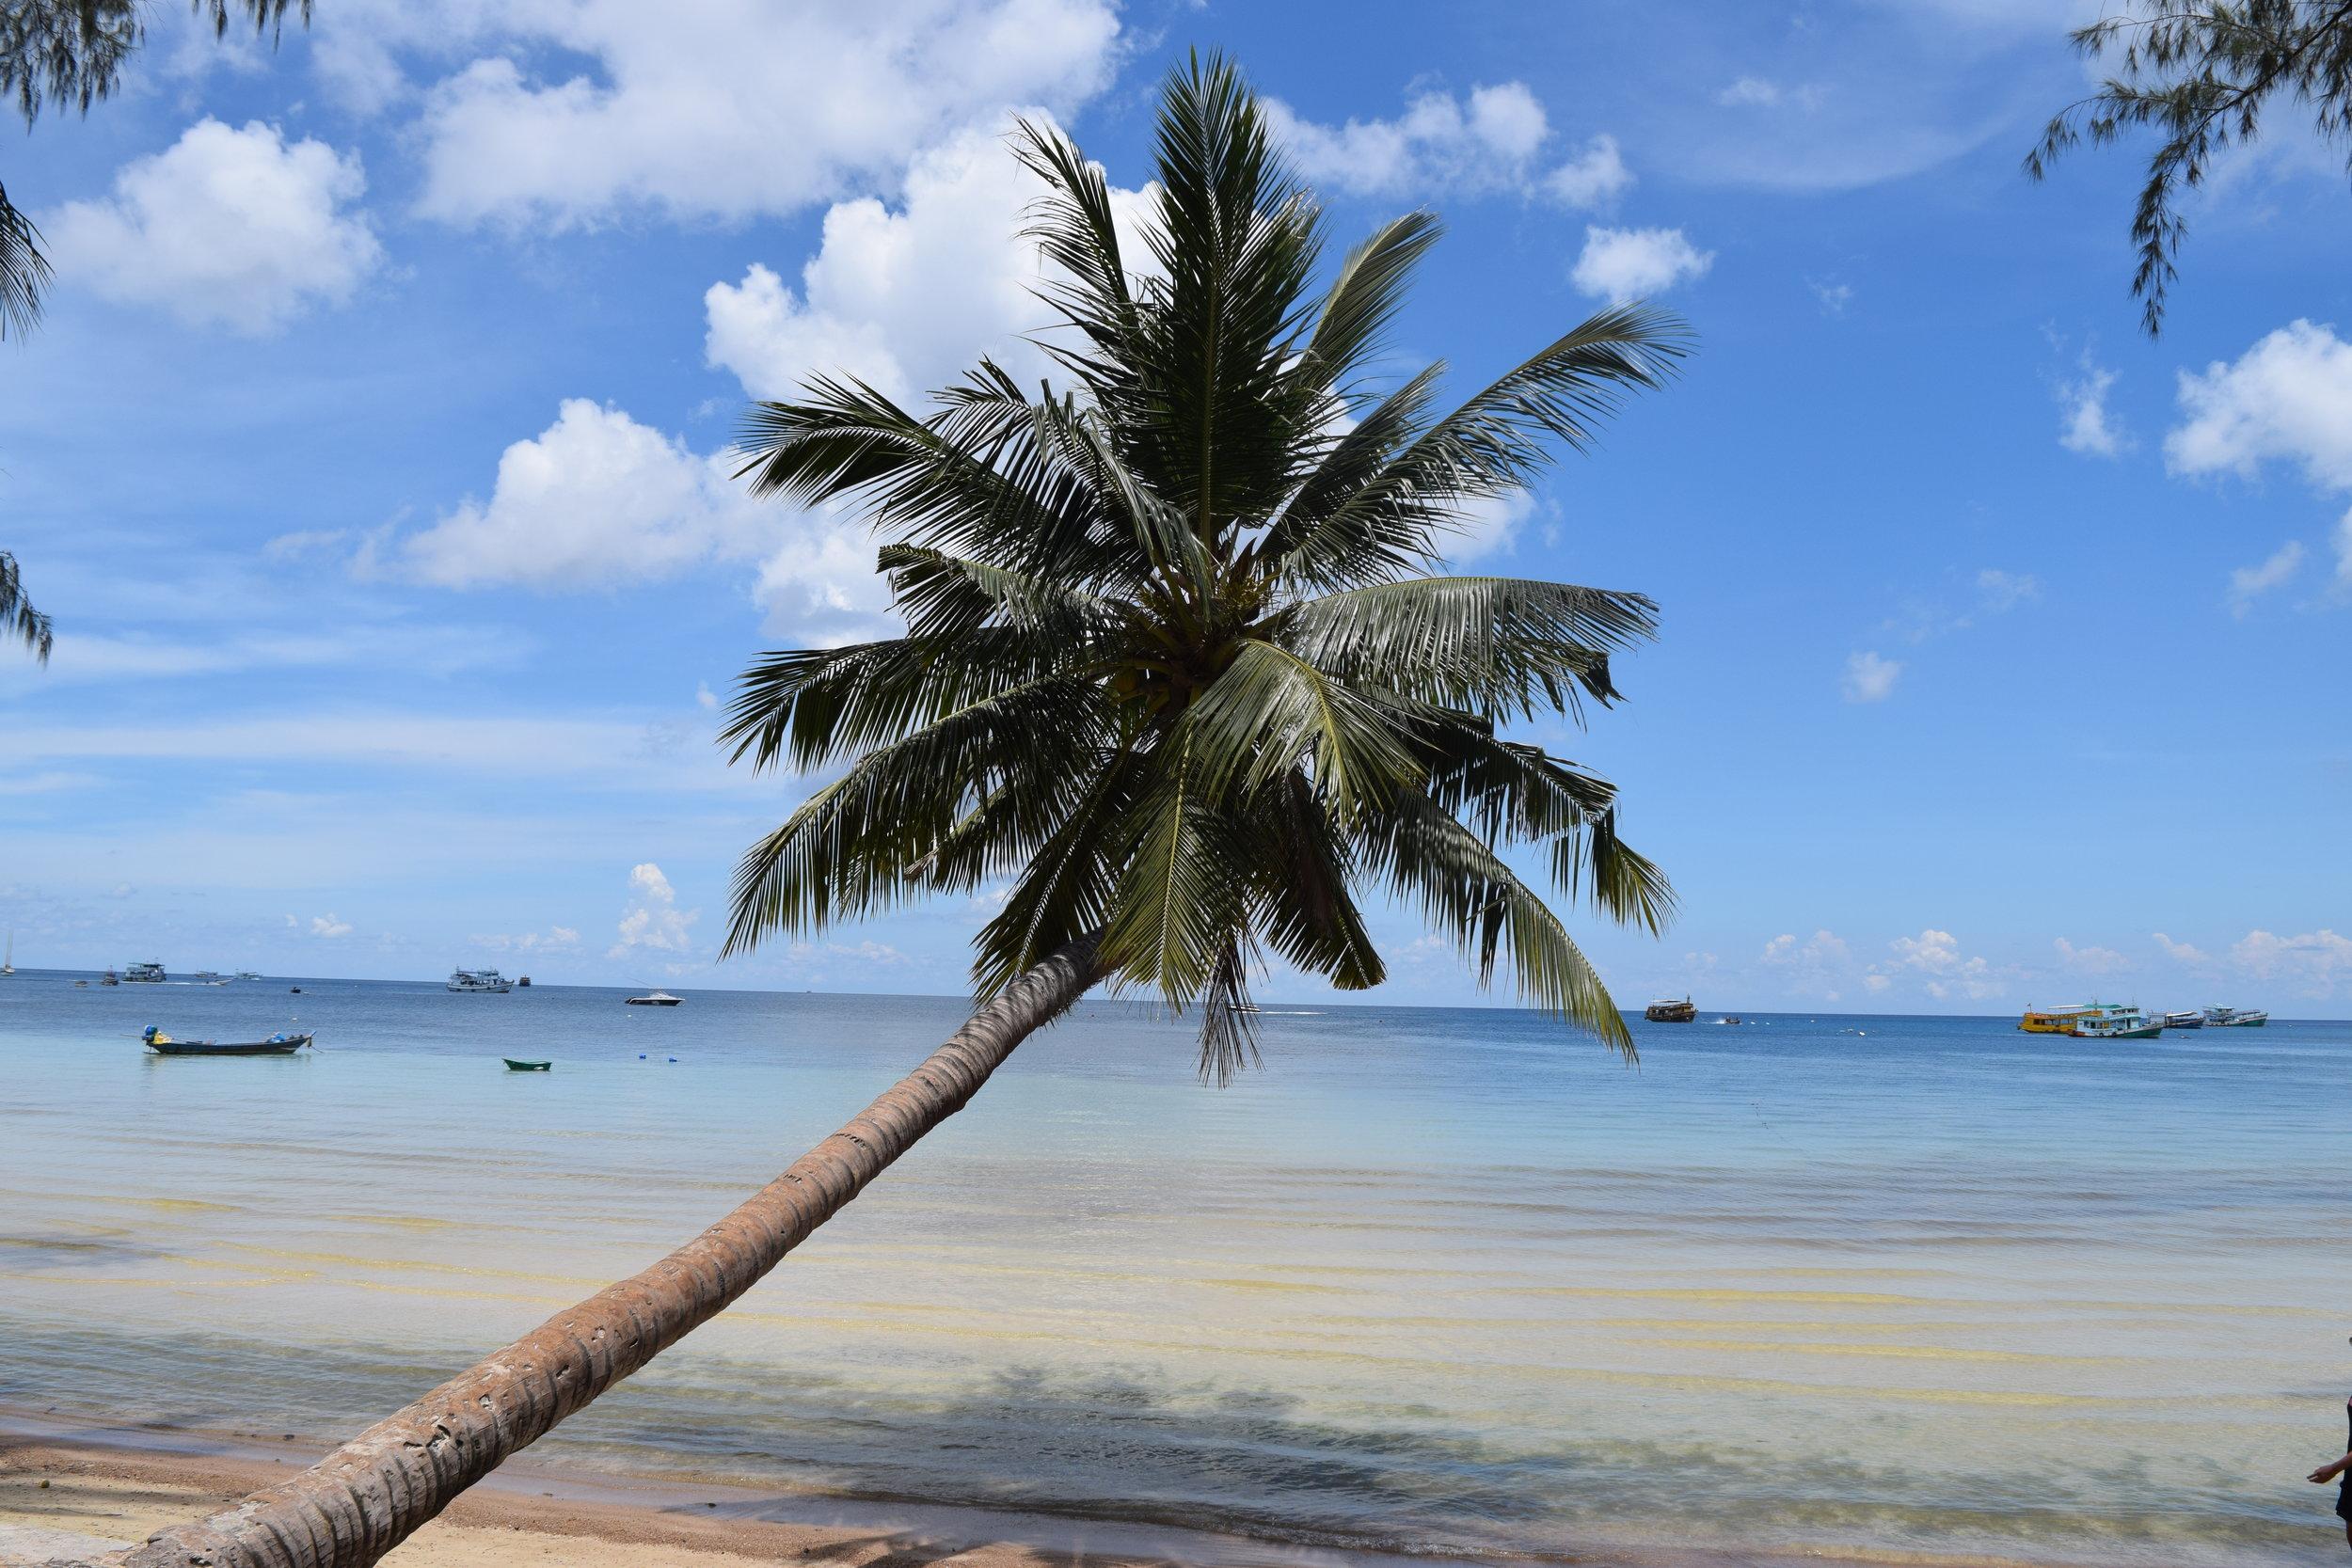 Una classica palma in una classica spiaggia thailandese con classica acqua cristallina. Piantate l'ombrellone. Non ci si muove da qui.